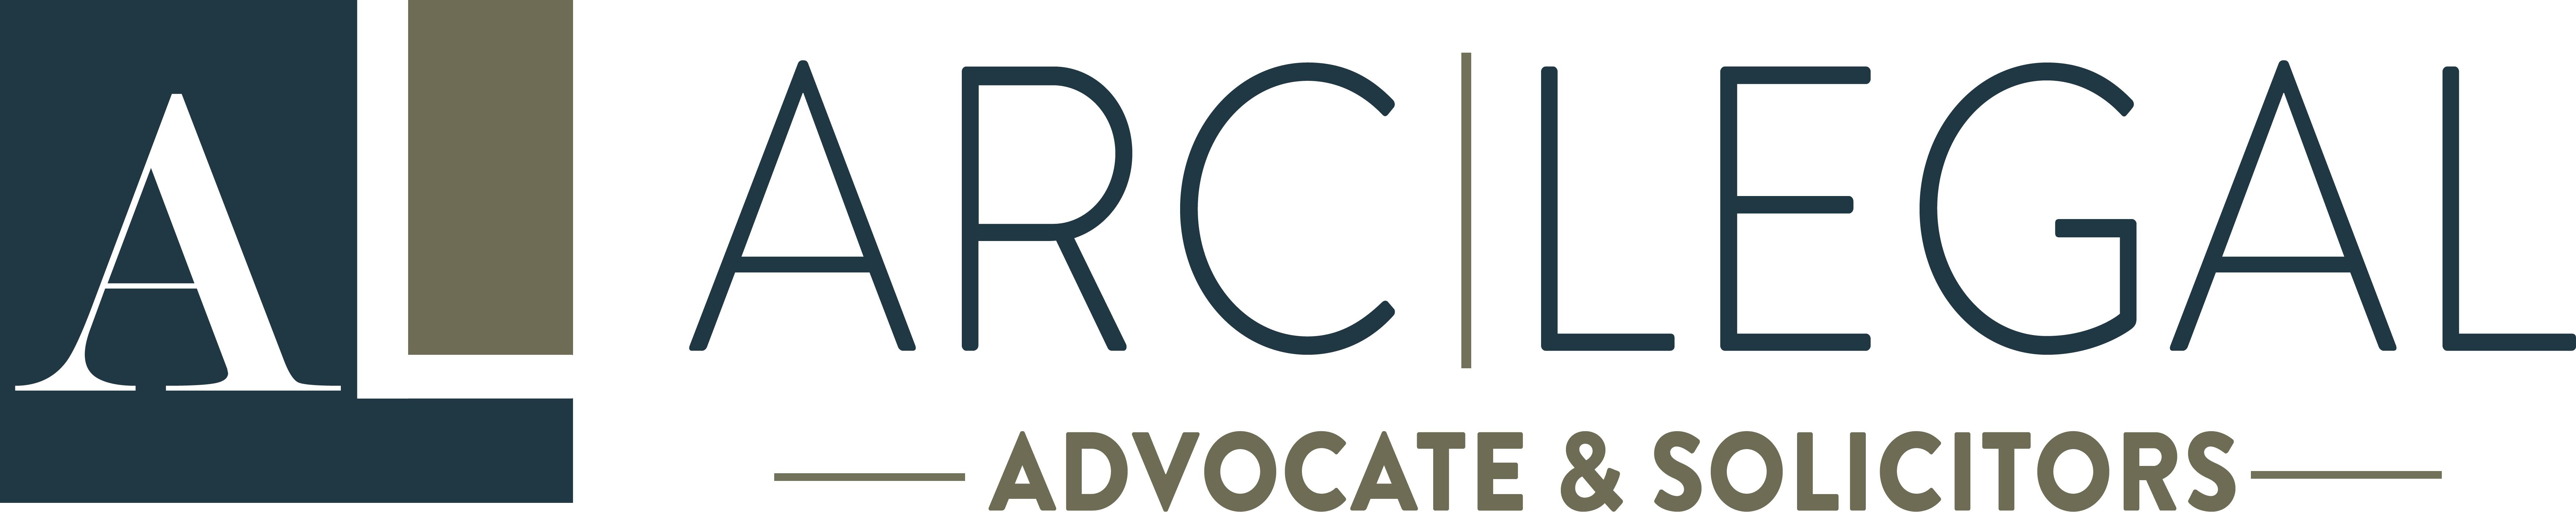 Arclegal logo